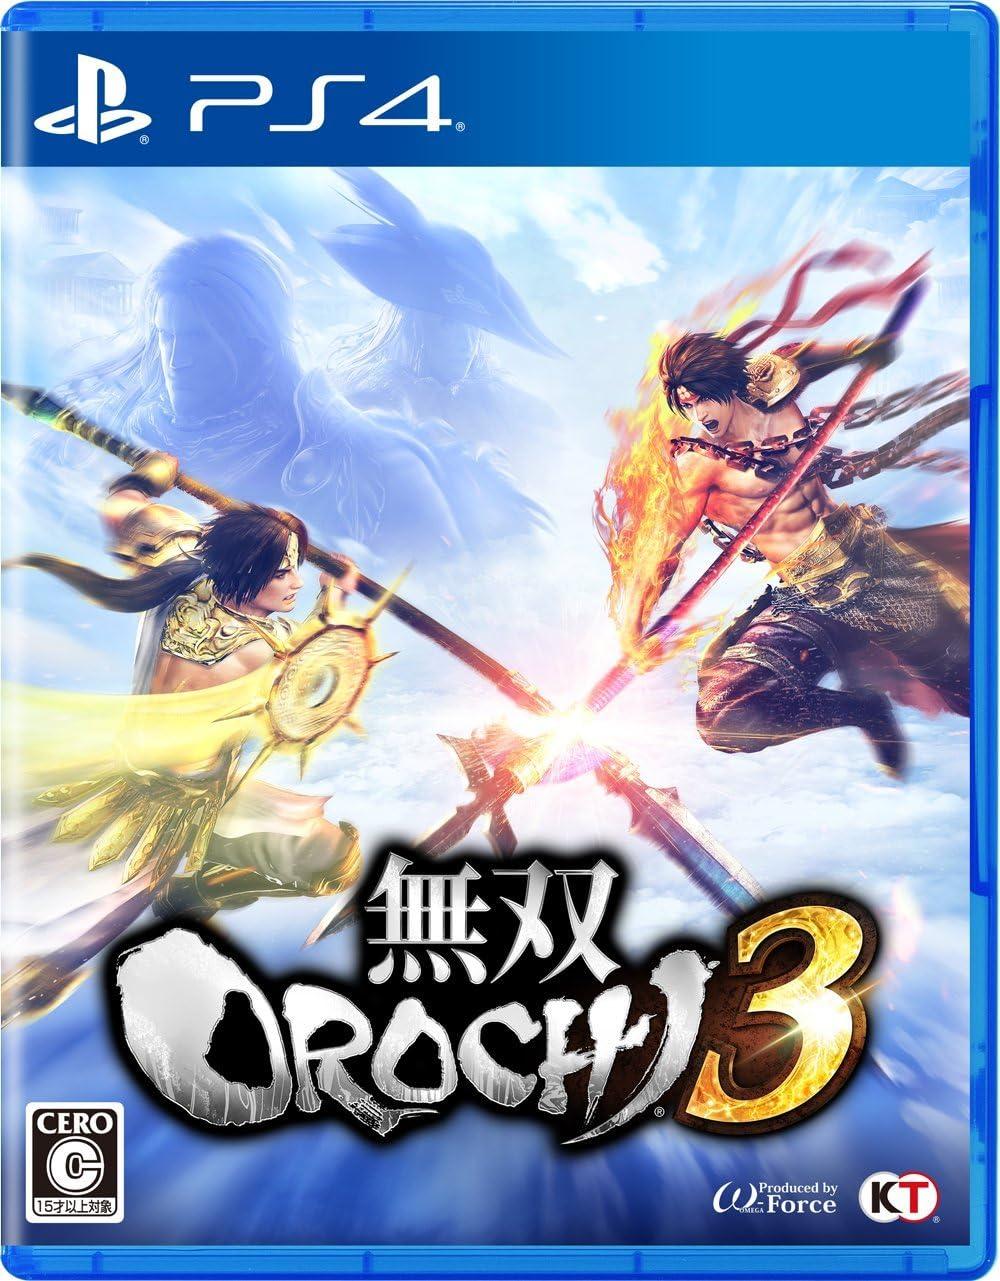 キャラ 無双 最強 orochi3 ultimate